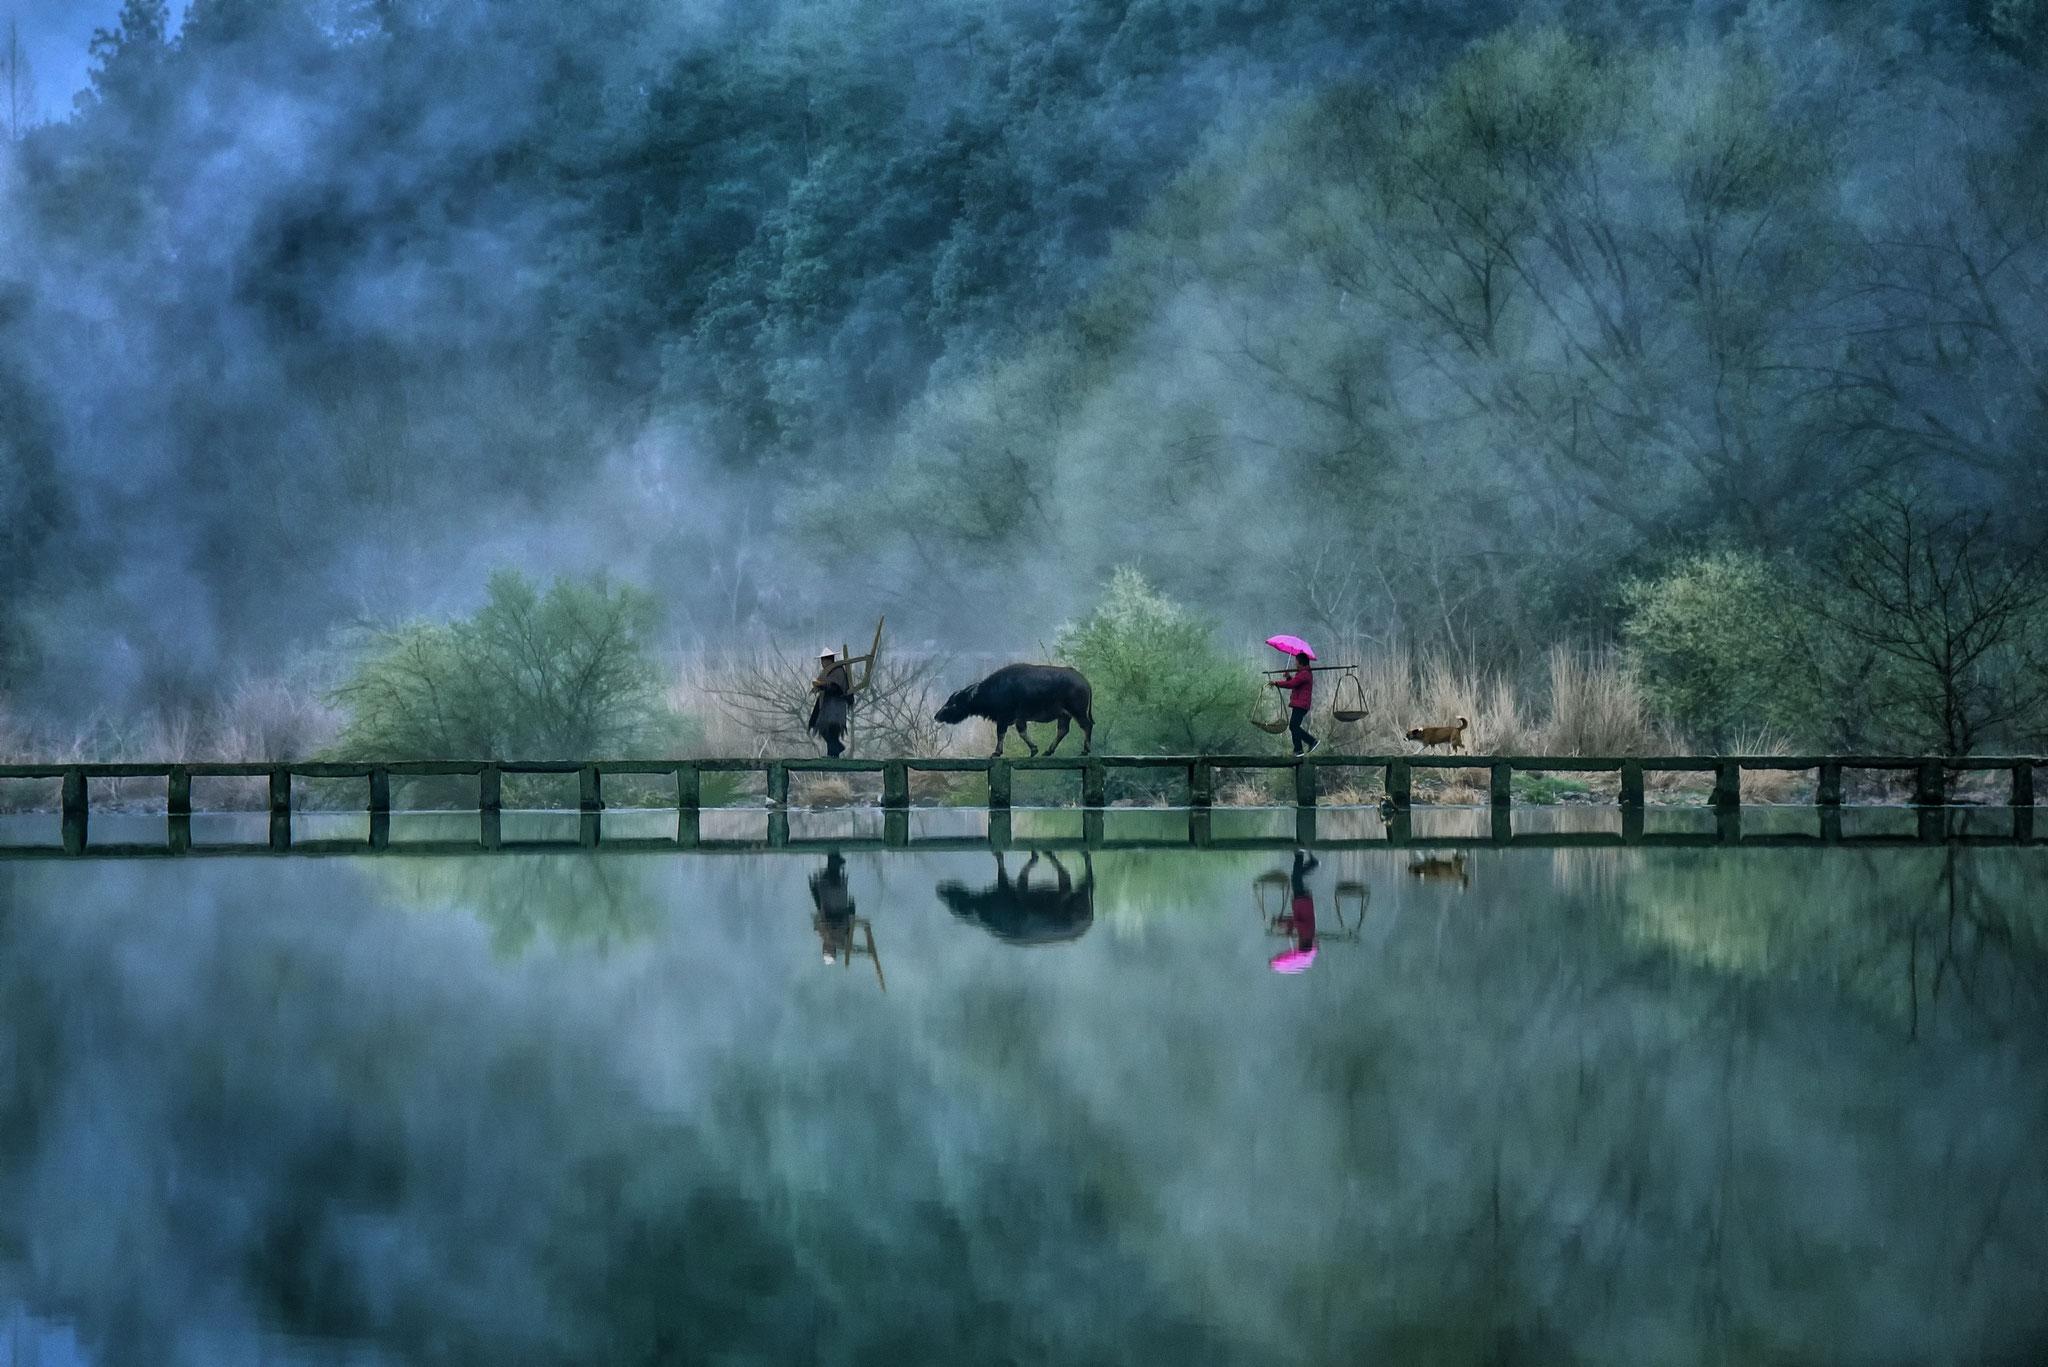 Steven Yee (Singapore) - The Farmer Returns